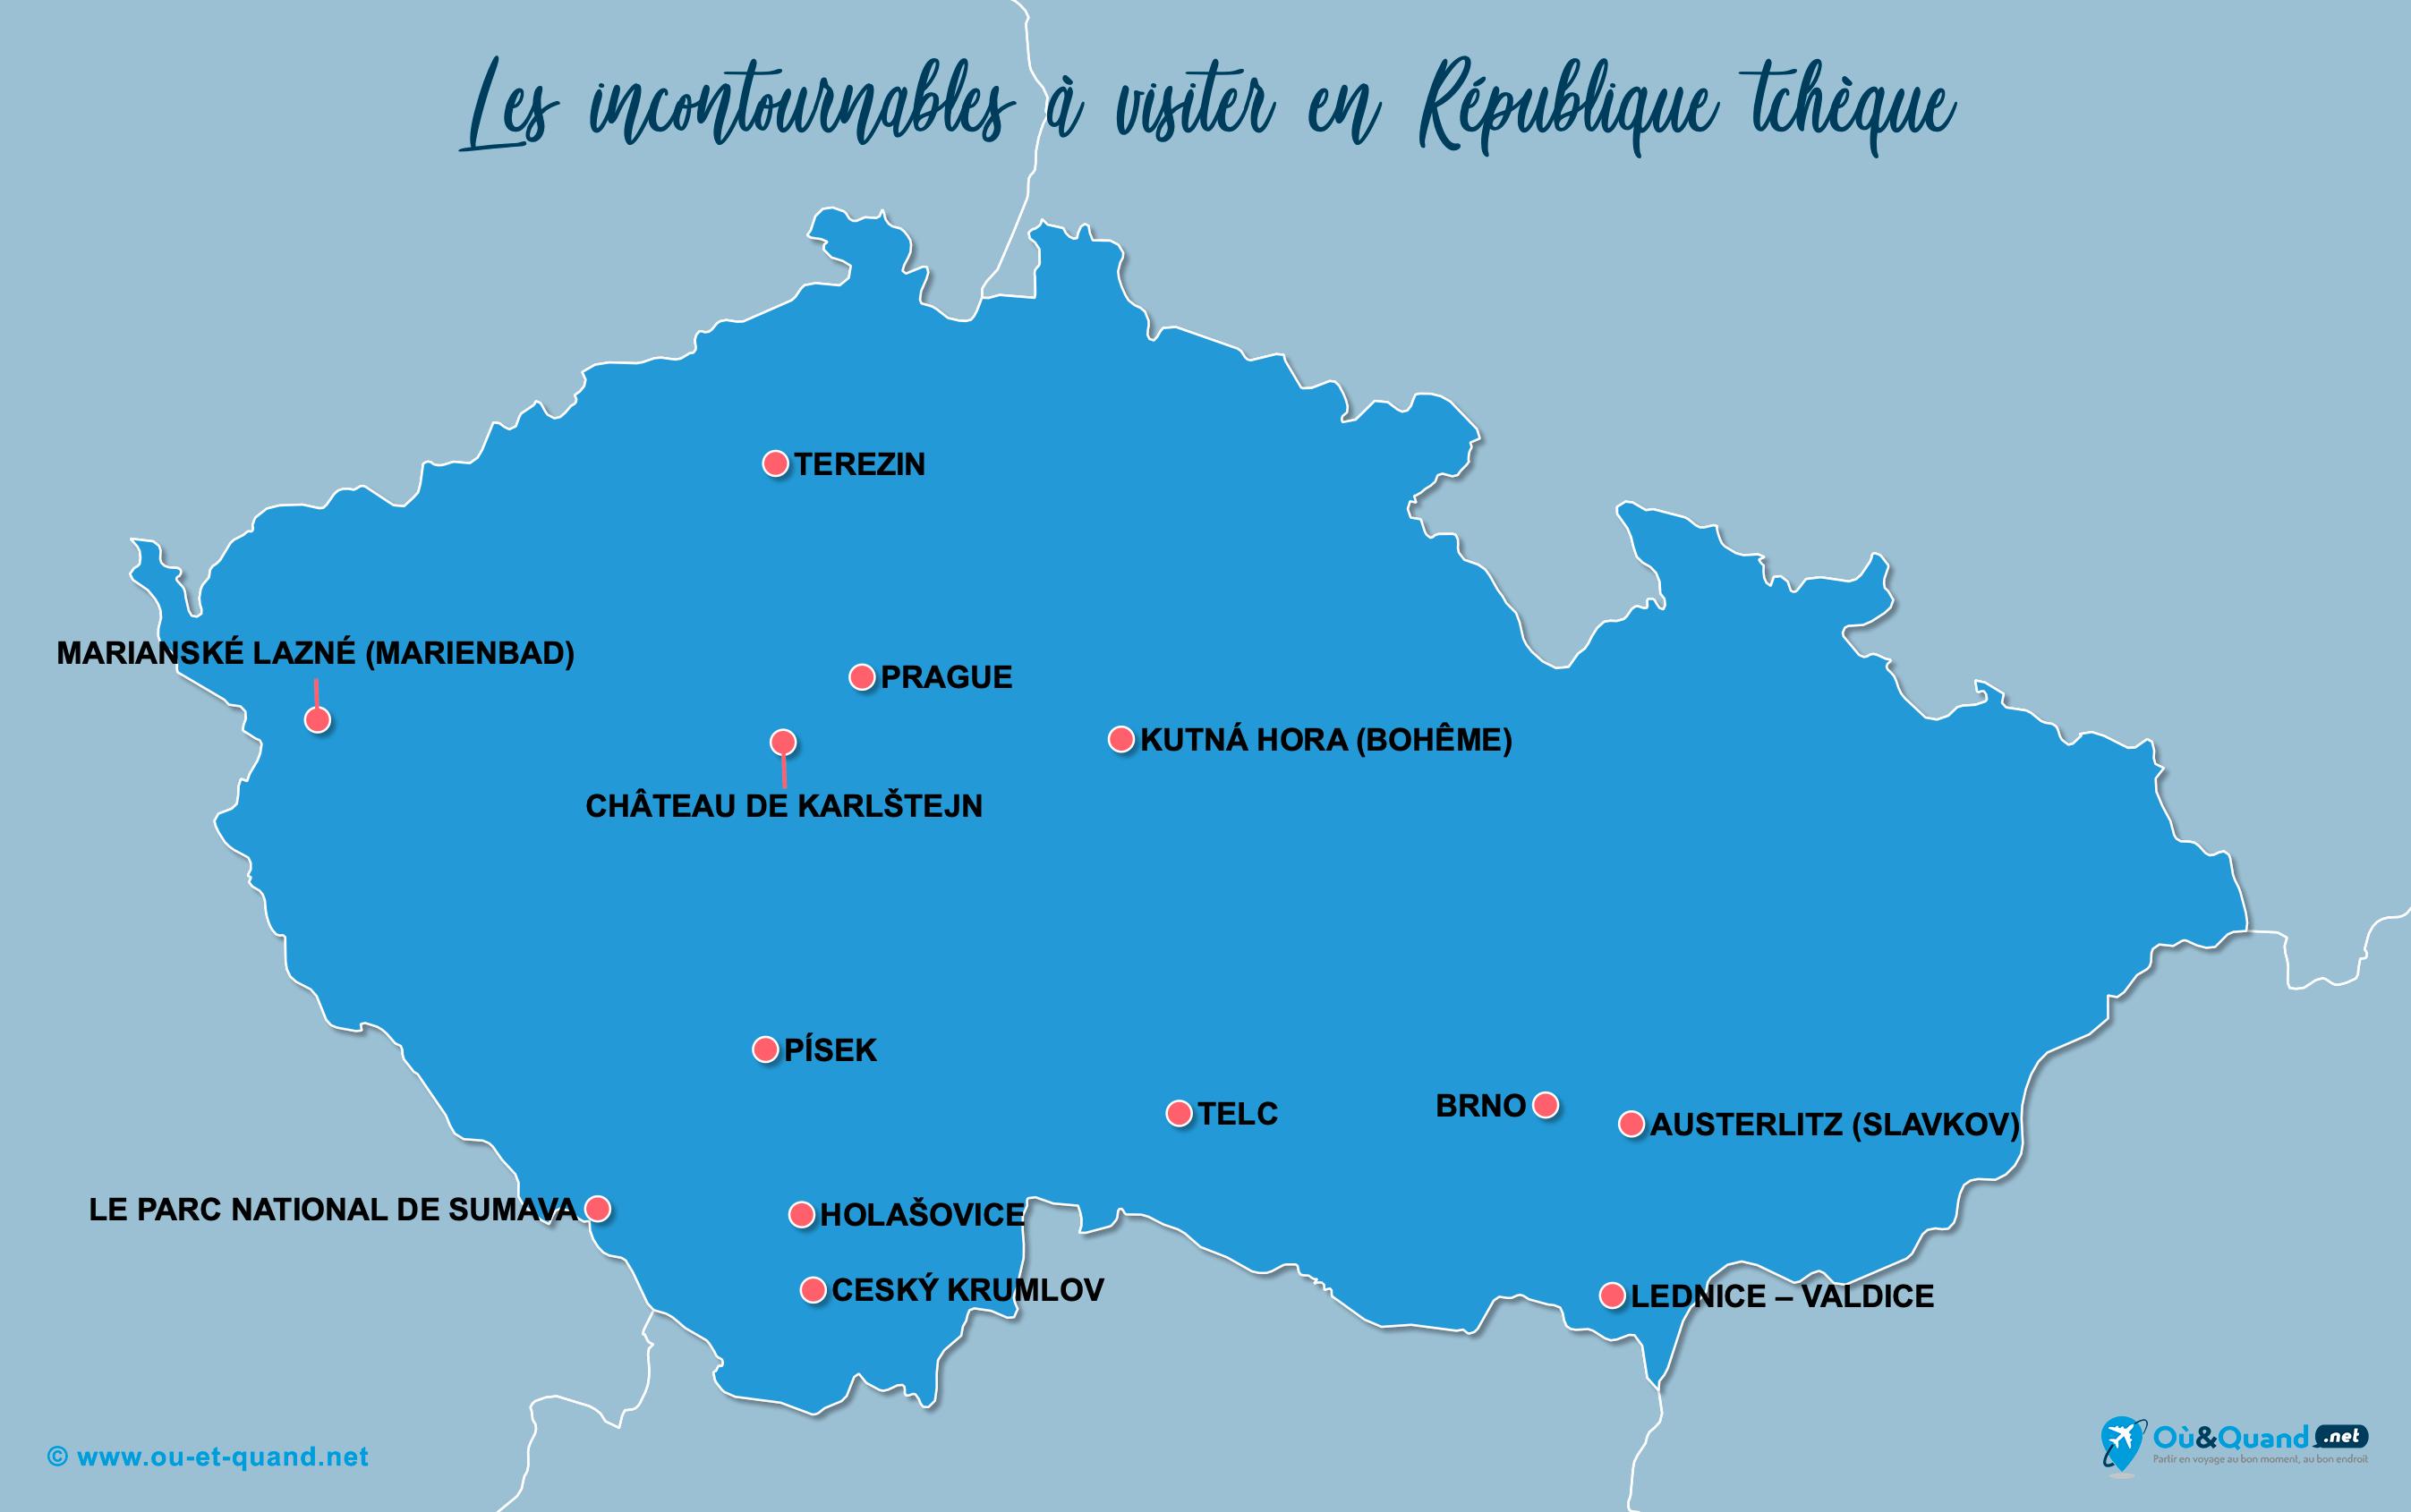 Carte Incontournables République tchèque